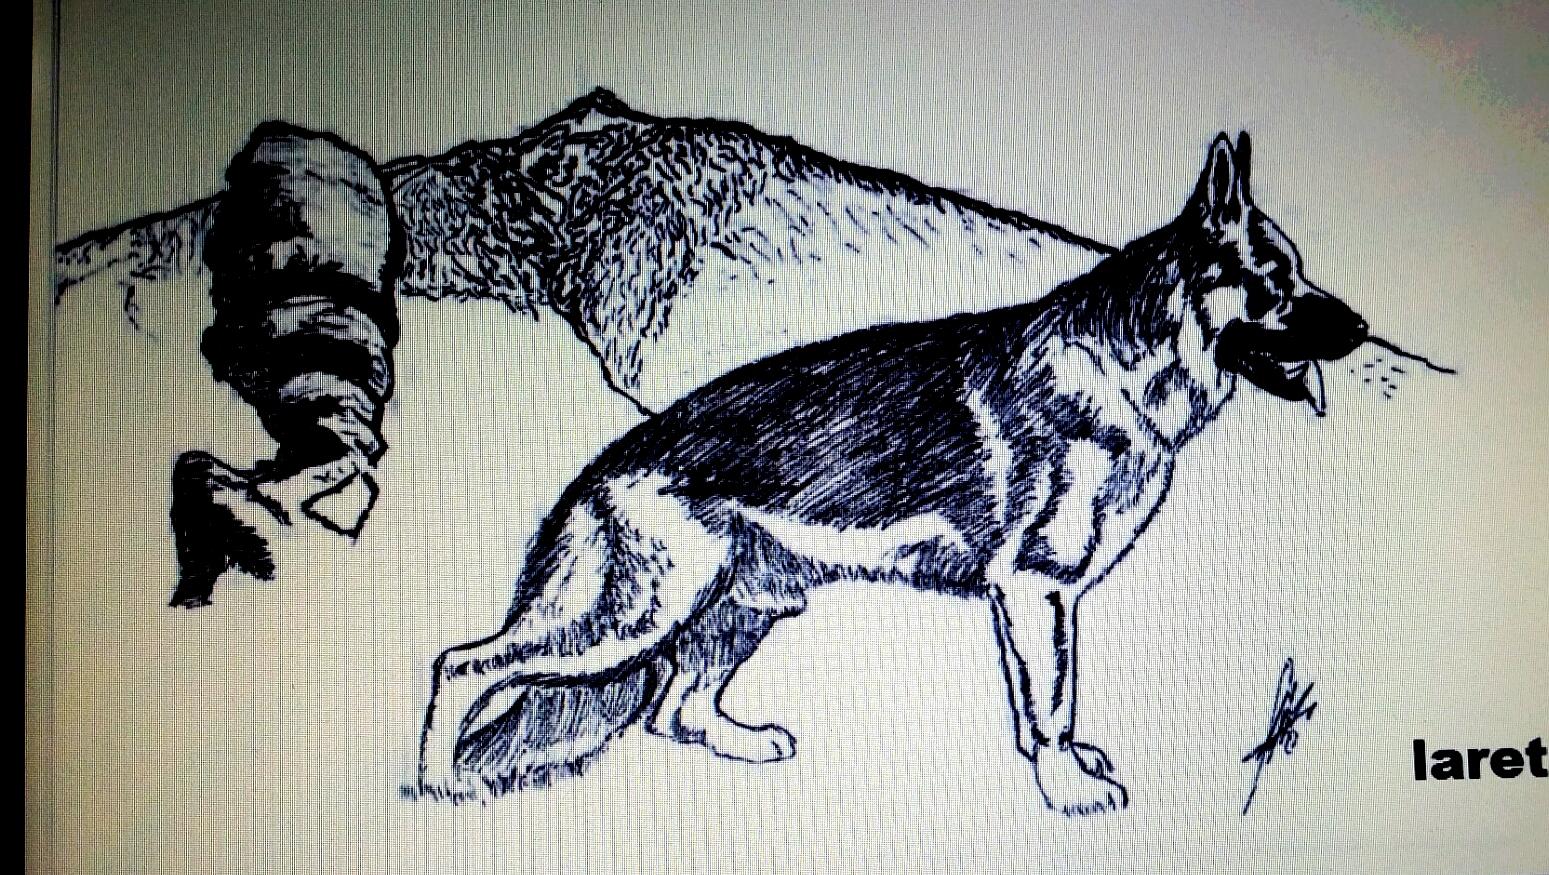 la retama can